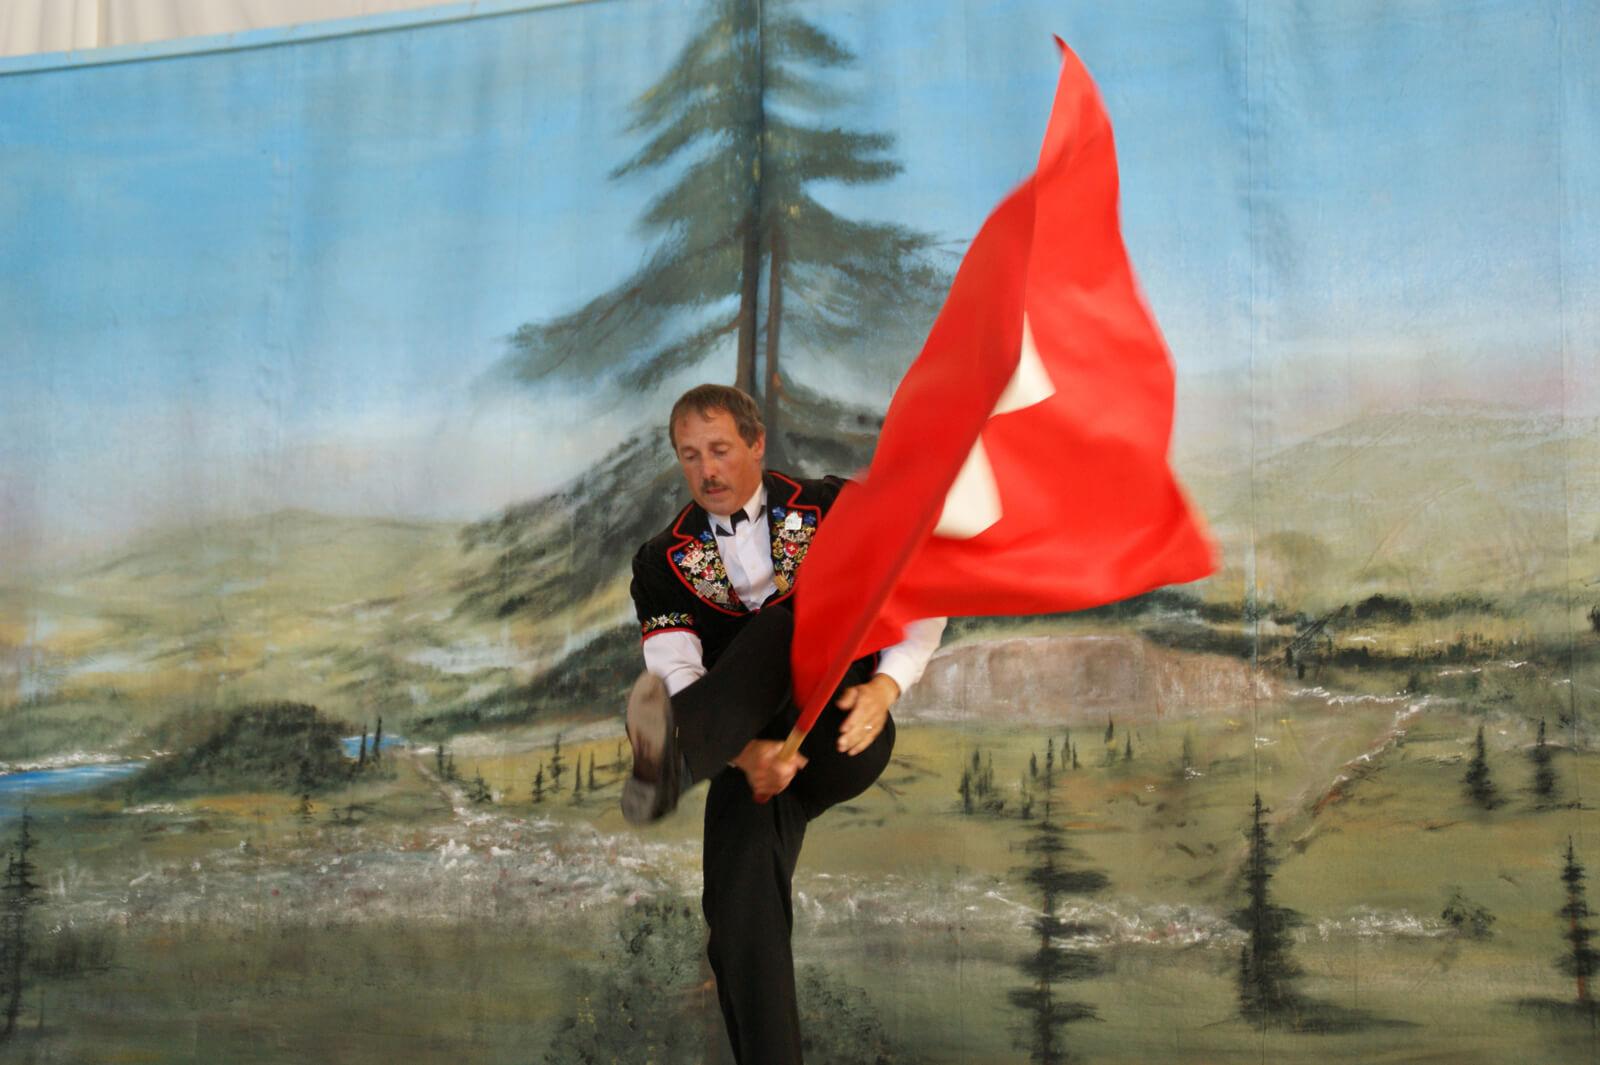 Flag Tossing - Fahnenschwingen - Switzerland